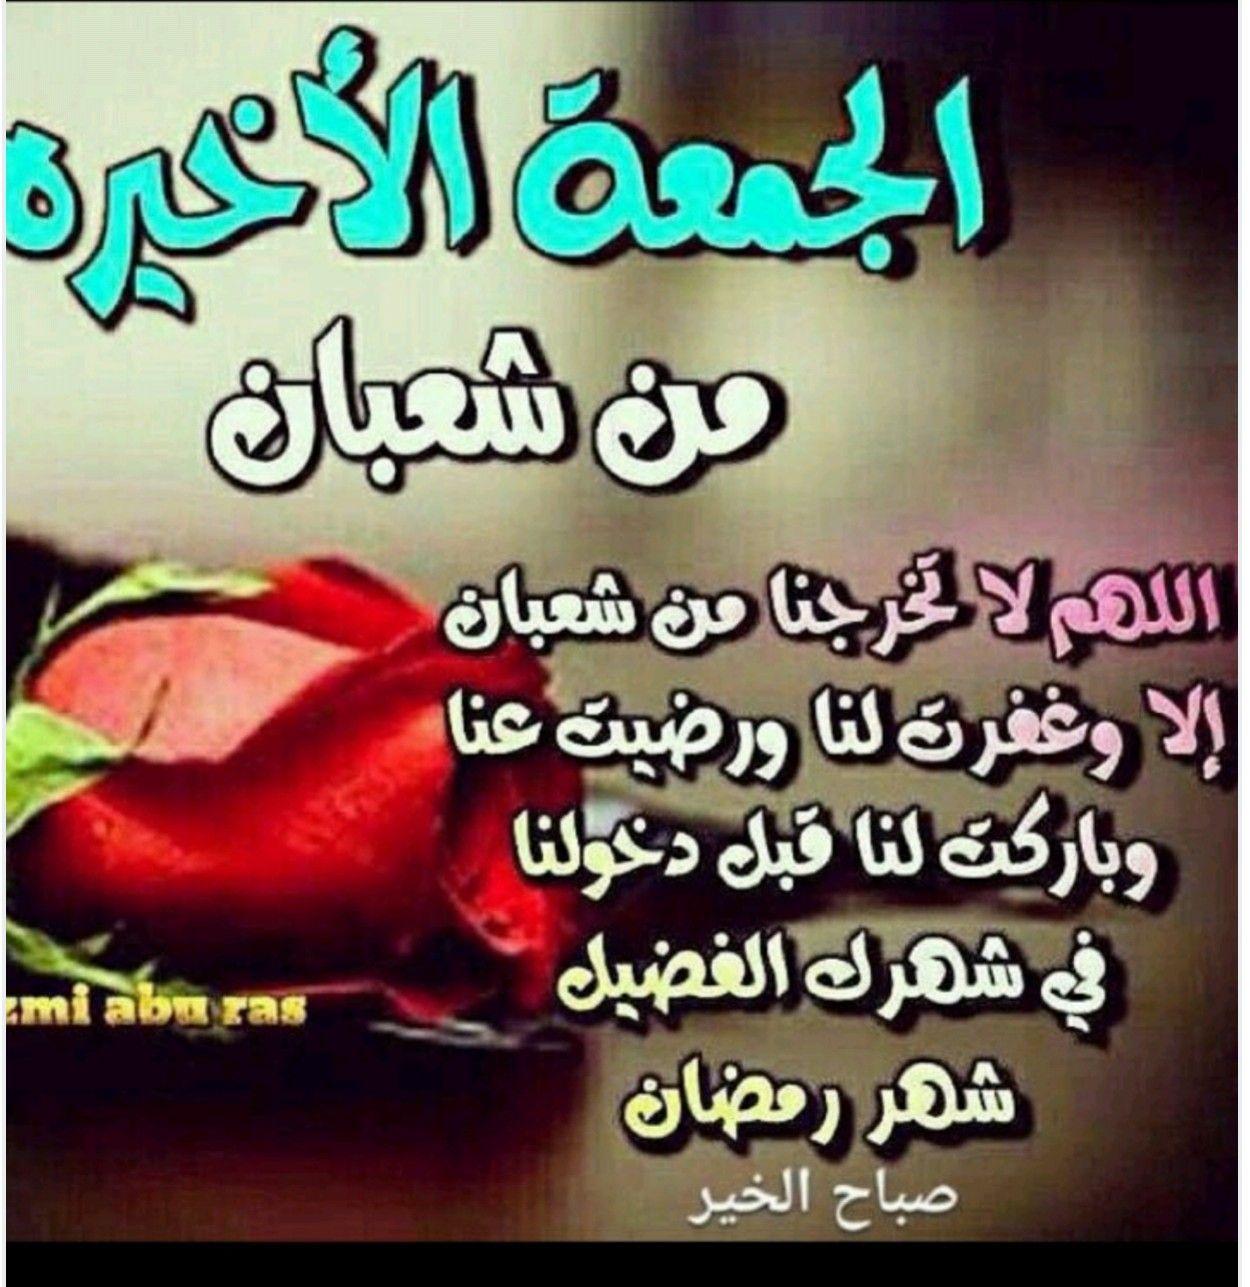 الجمعه الاخيرة من شعبان Arabic Calligraphy Calligraphy